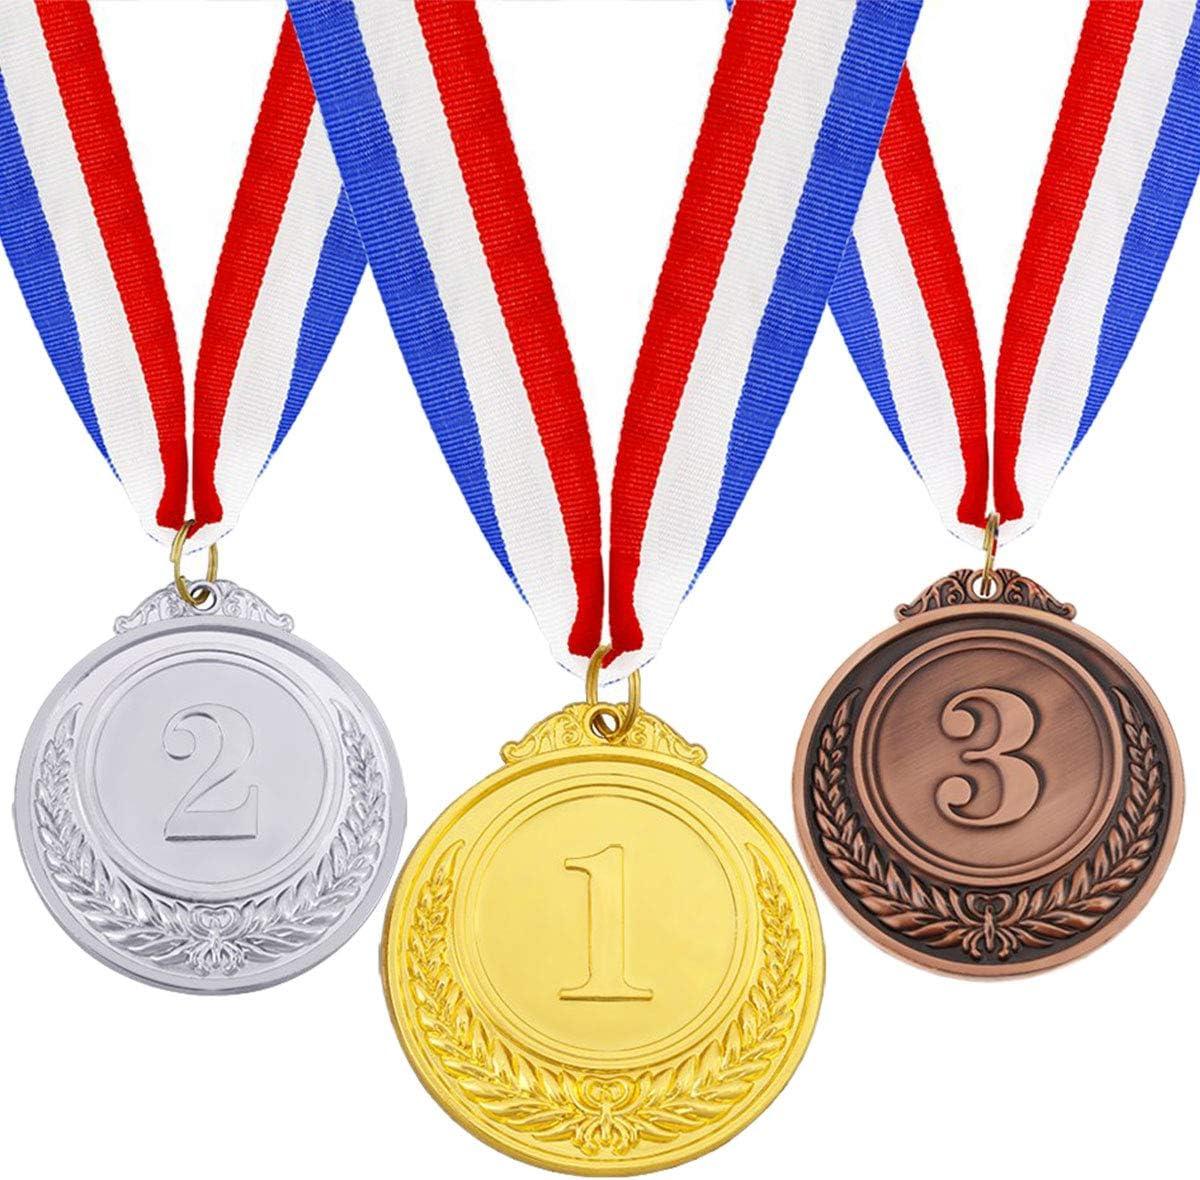 ExeQianming Medallas de premio de bronce con cinta para el cuello, medalla de metal de estilo olímpico, 3 piezas